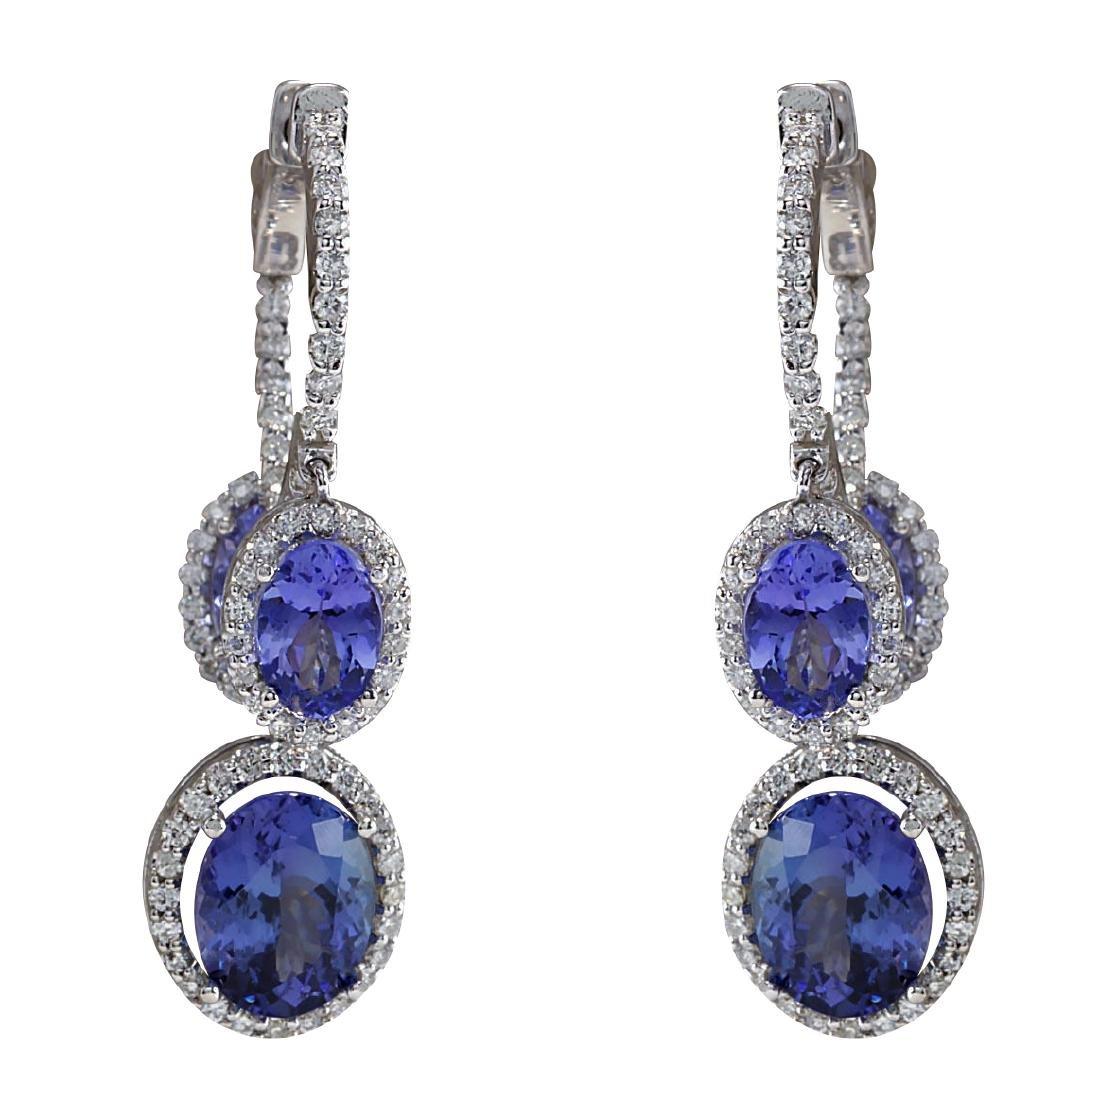 7.78CTW Natural Tanzanite And Diamond Earrings 18K